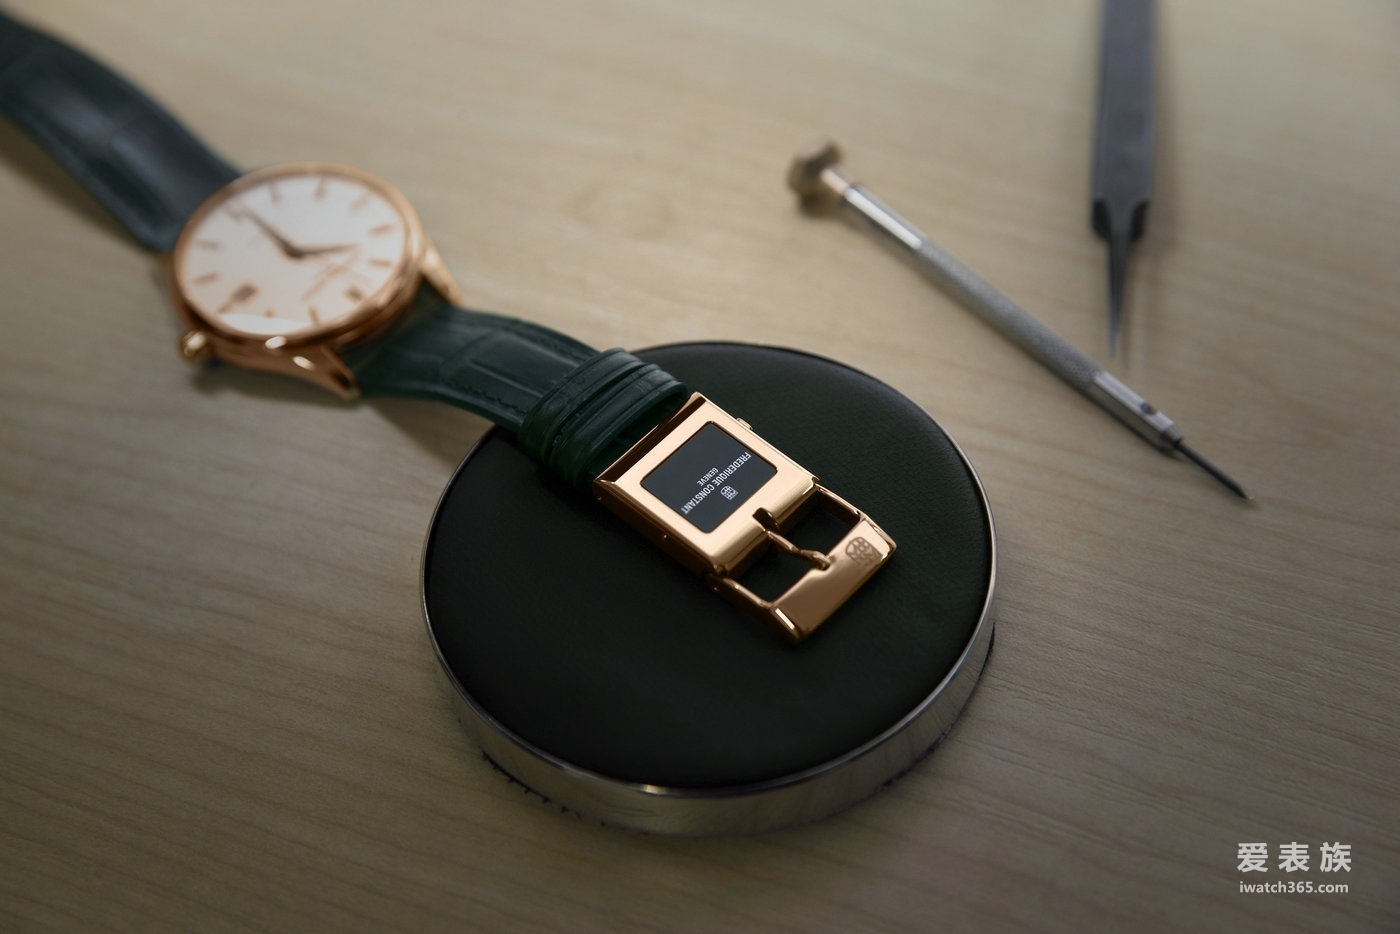 康斯登——E-Strap智能表带:将传统腕表变得更智能